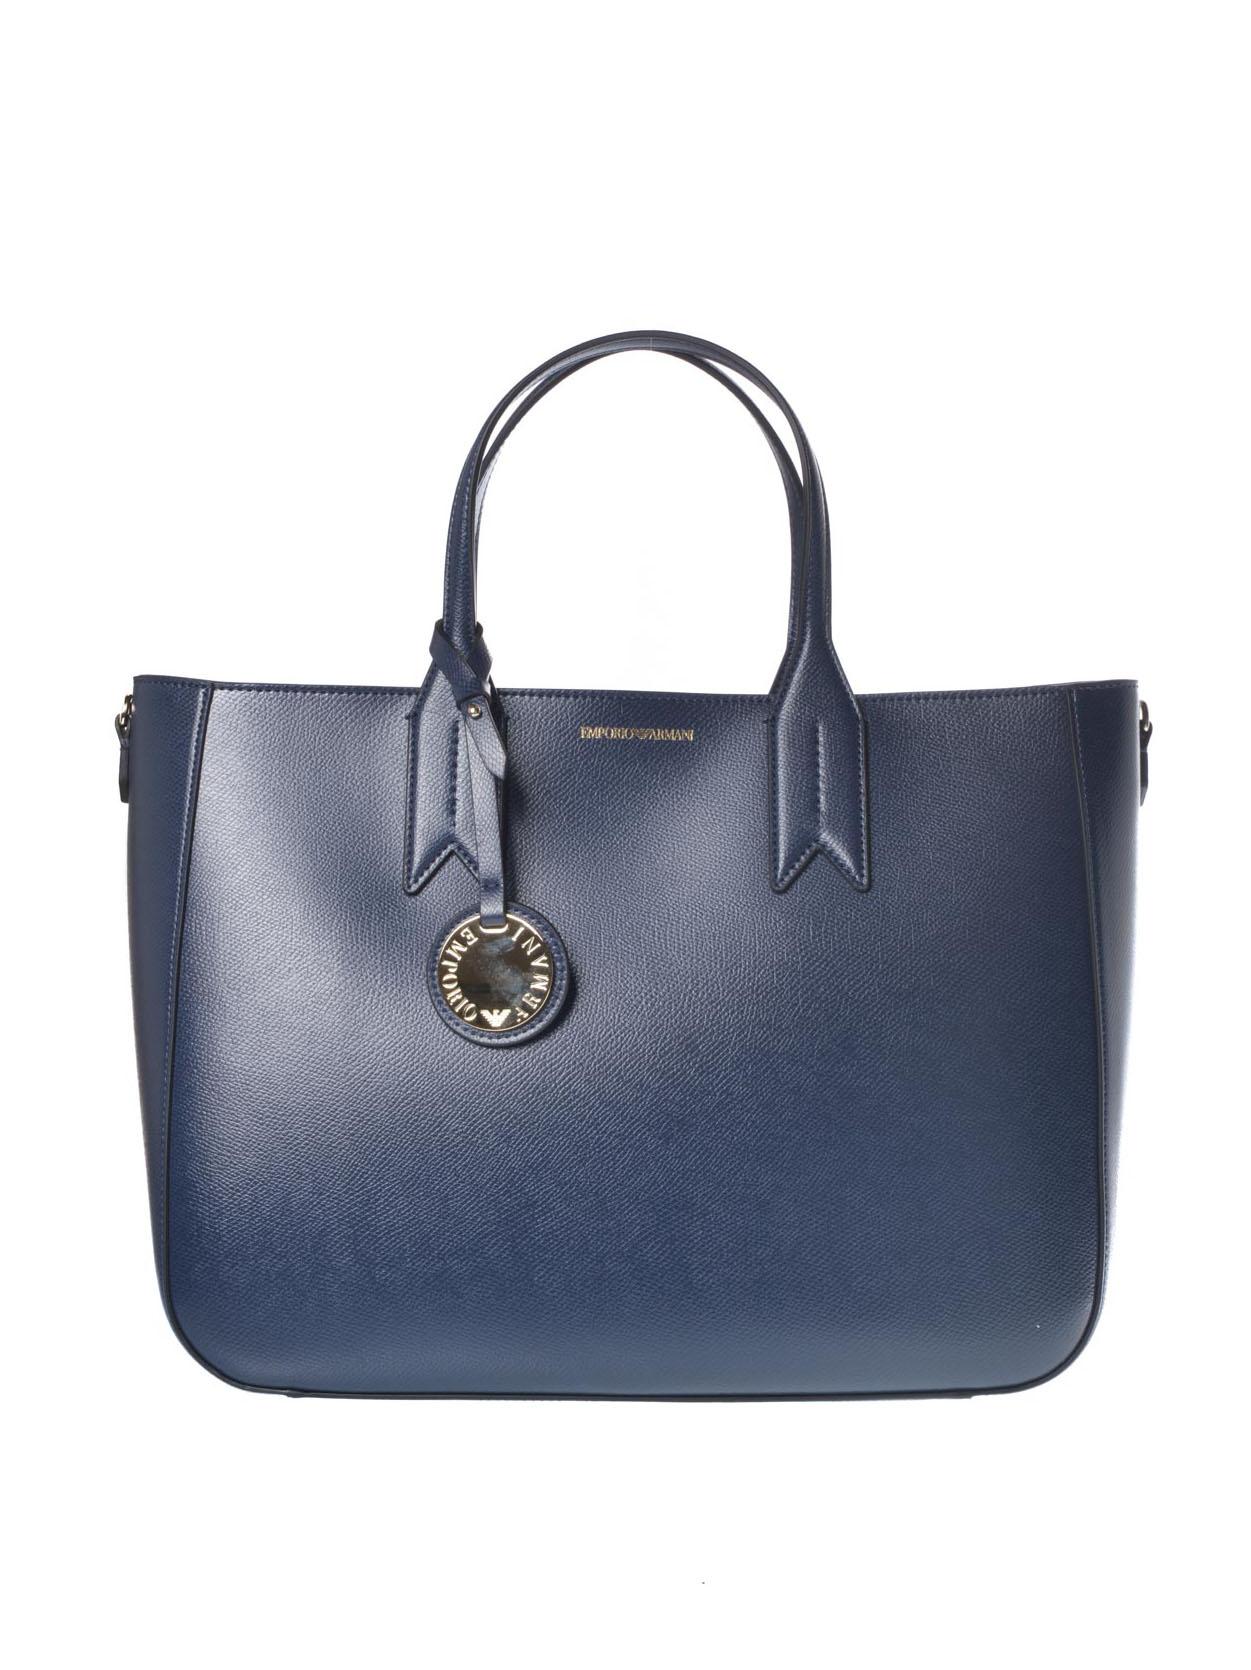 9786bf184b Borsa donna Emporio Armani con charm blu   RoncaStyle